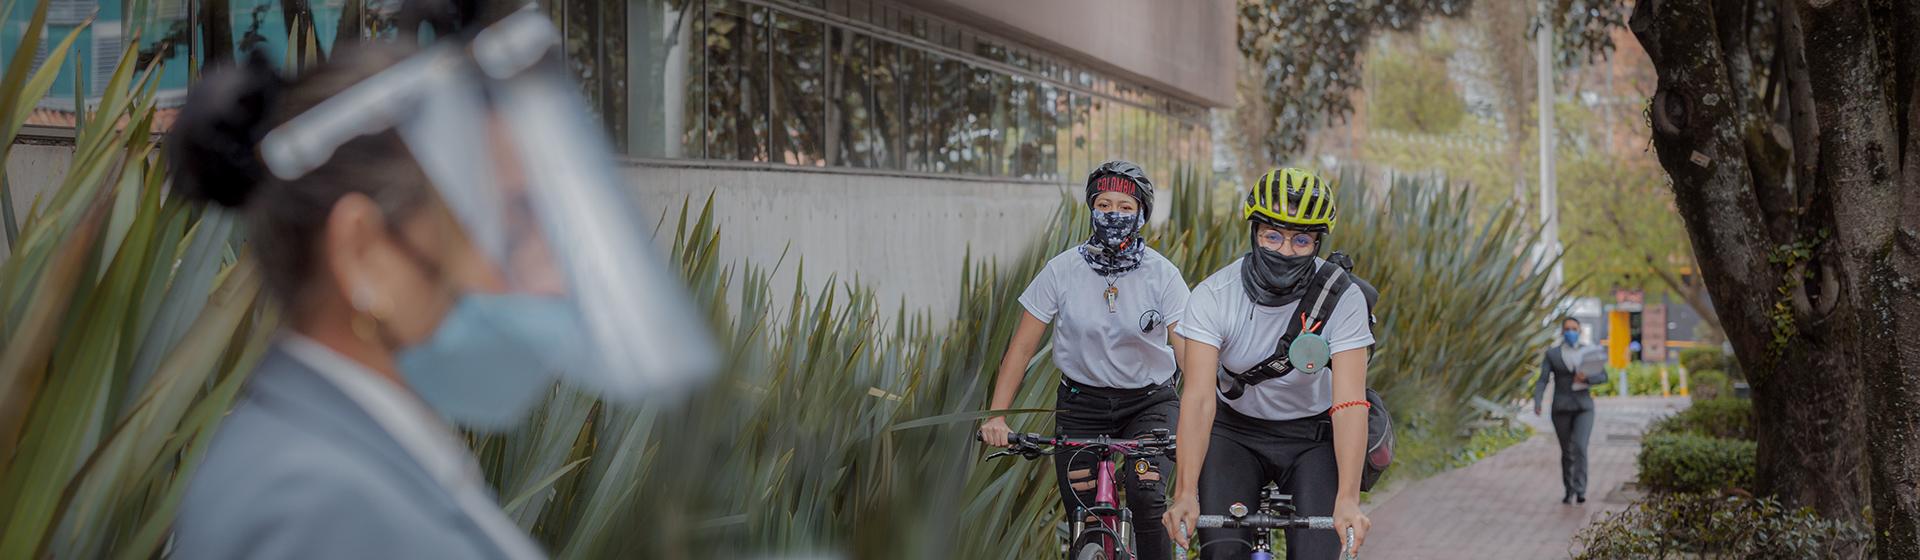 Estudiantes regresando al campus en bicicleta